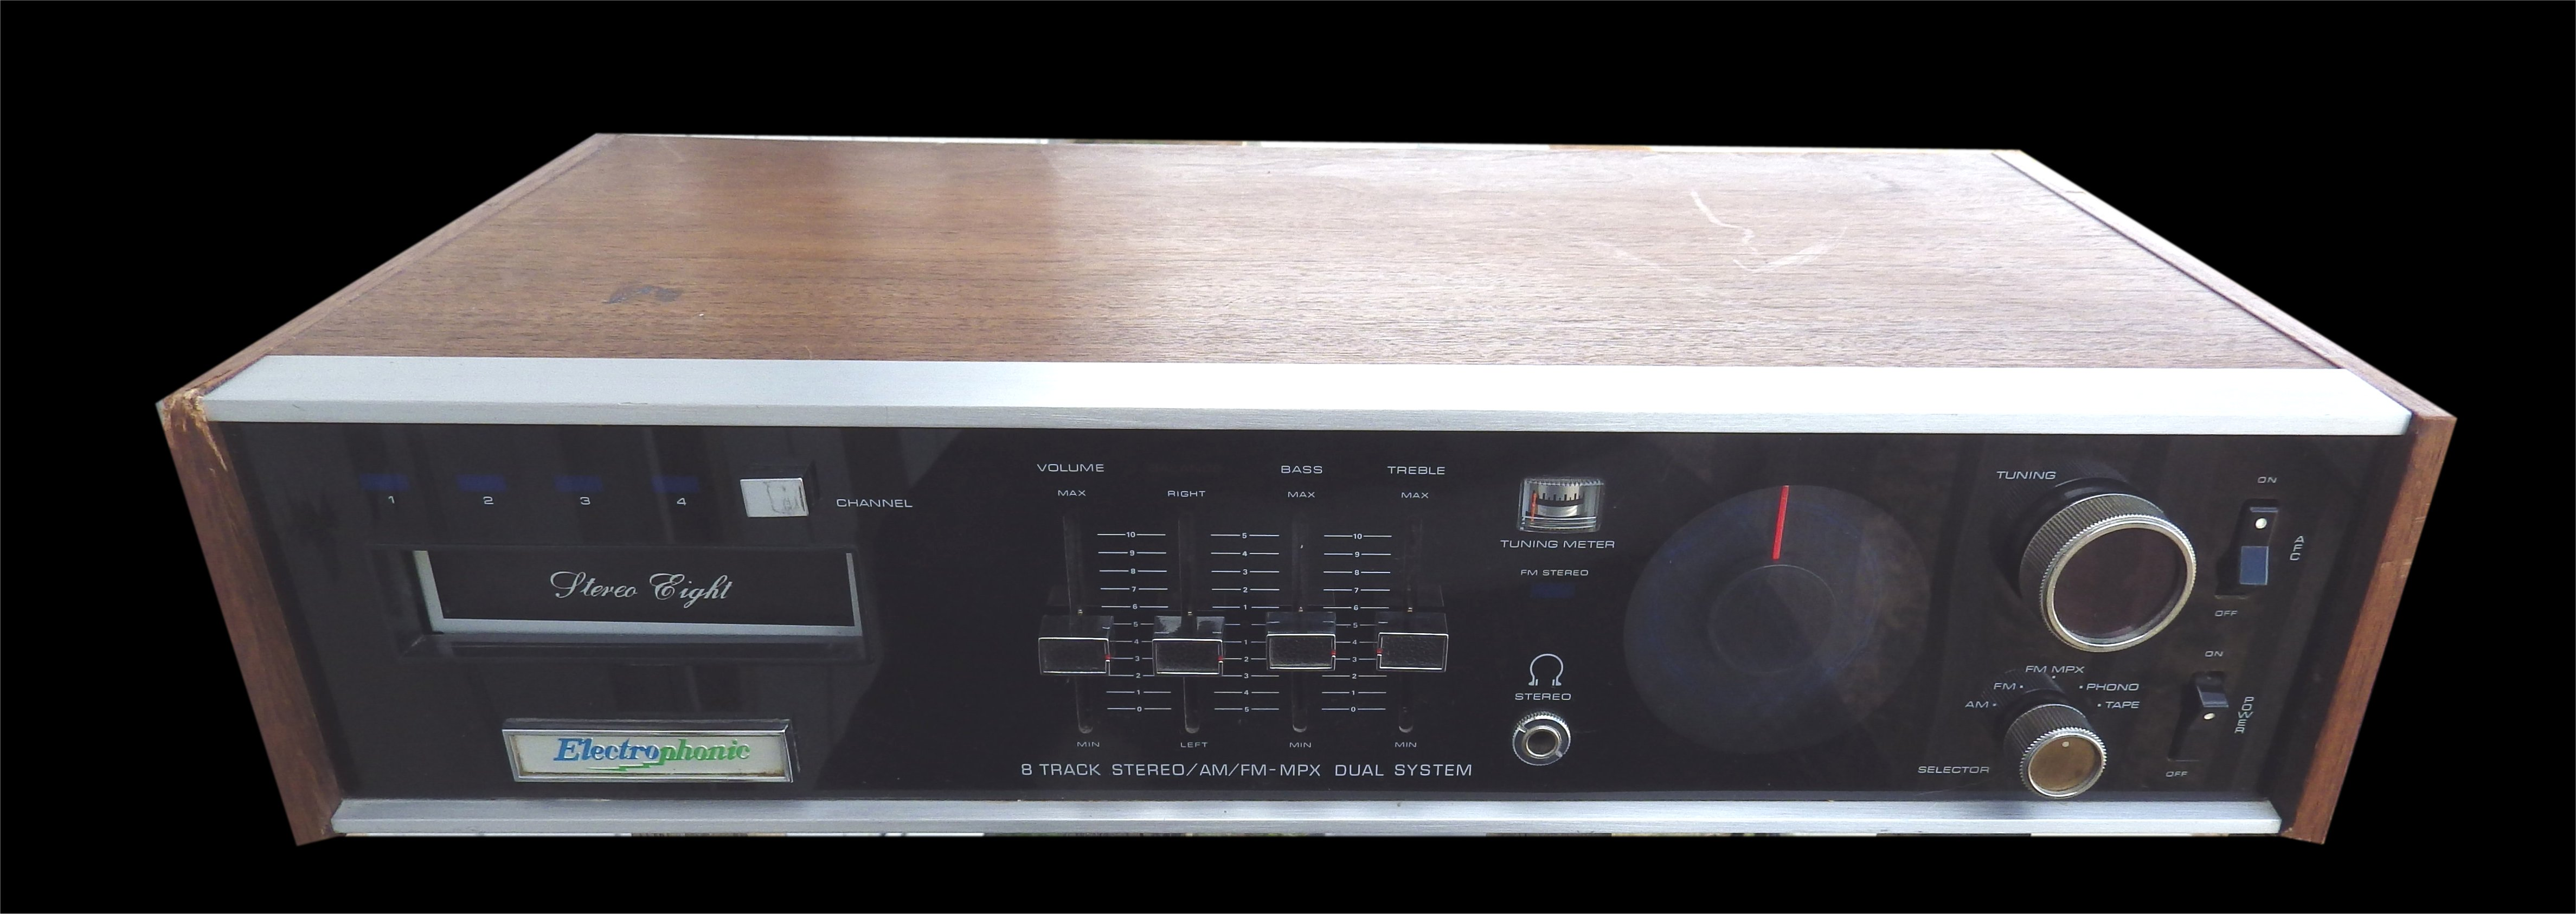 Antique Radio Restoration Combo-Pack! Radio Repair on DVD